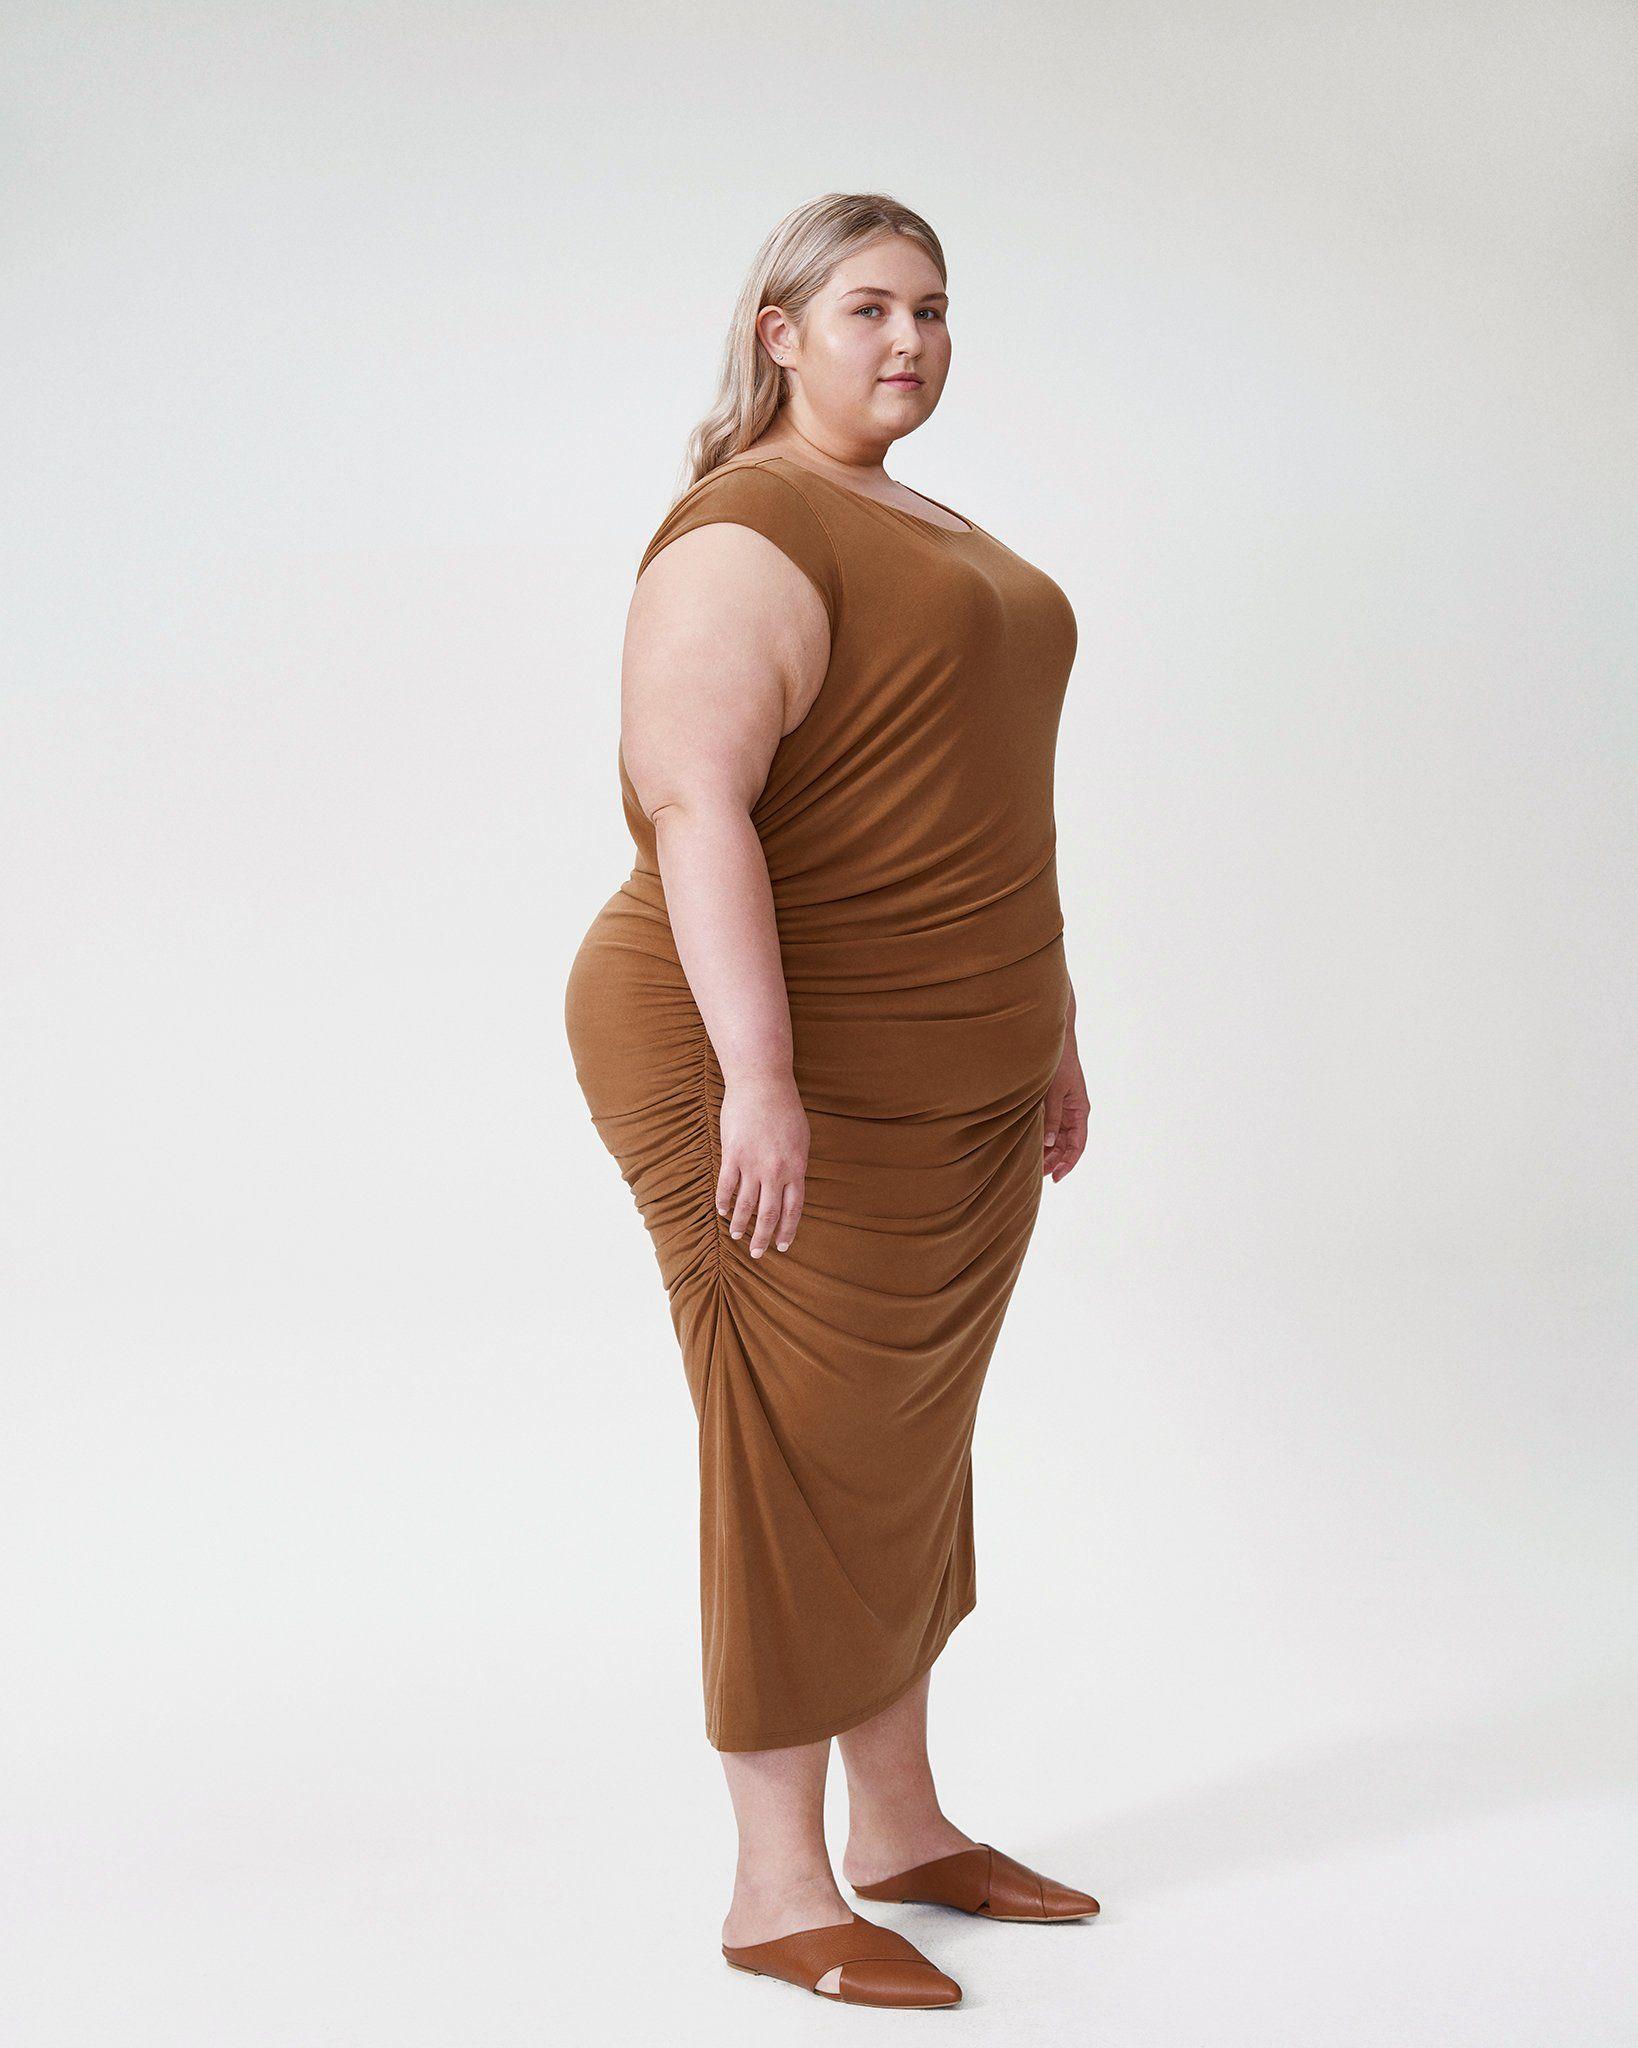 Rachel Ruched Dress - Caramel | Universal Standard